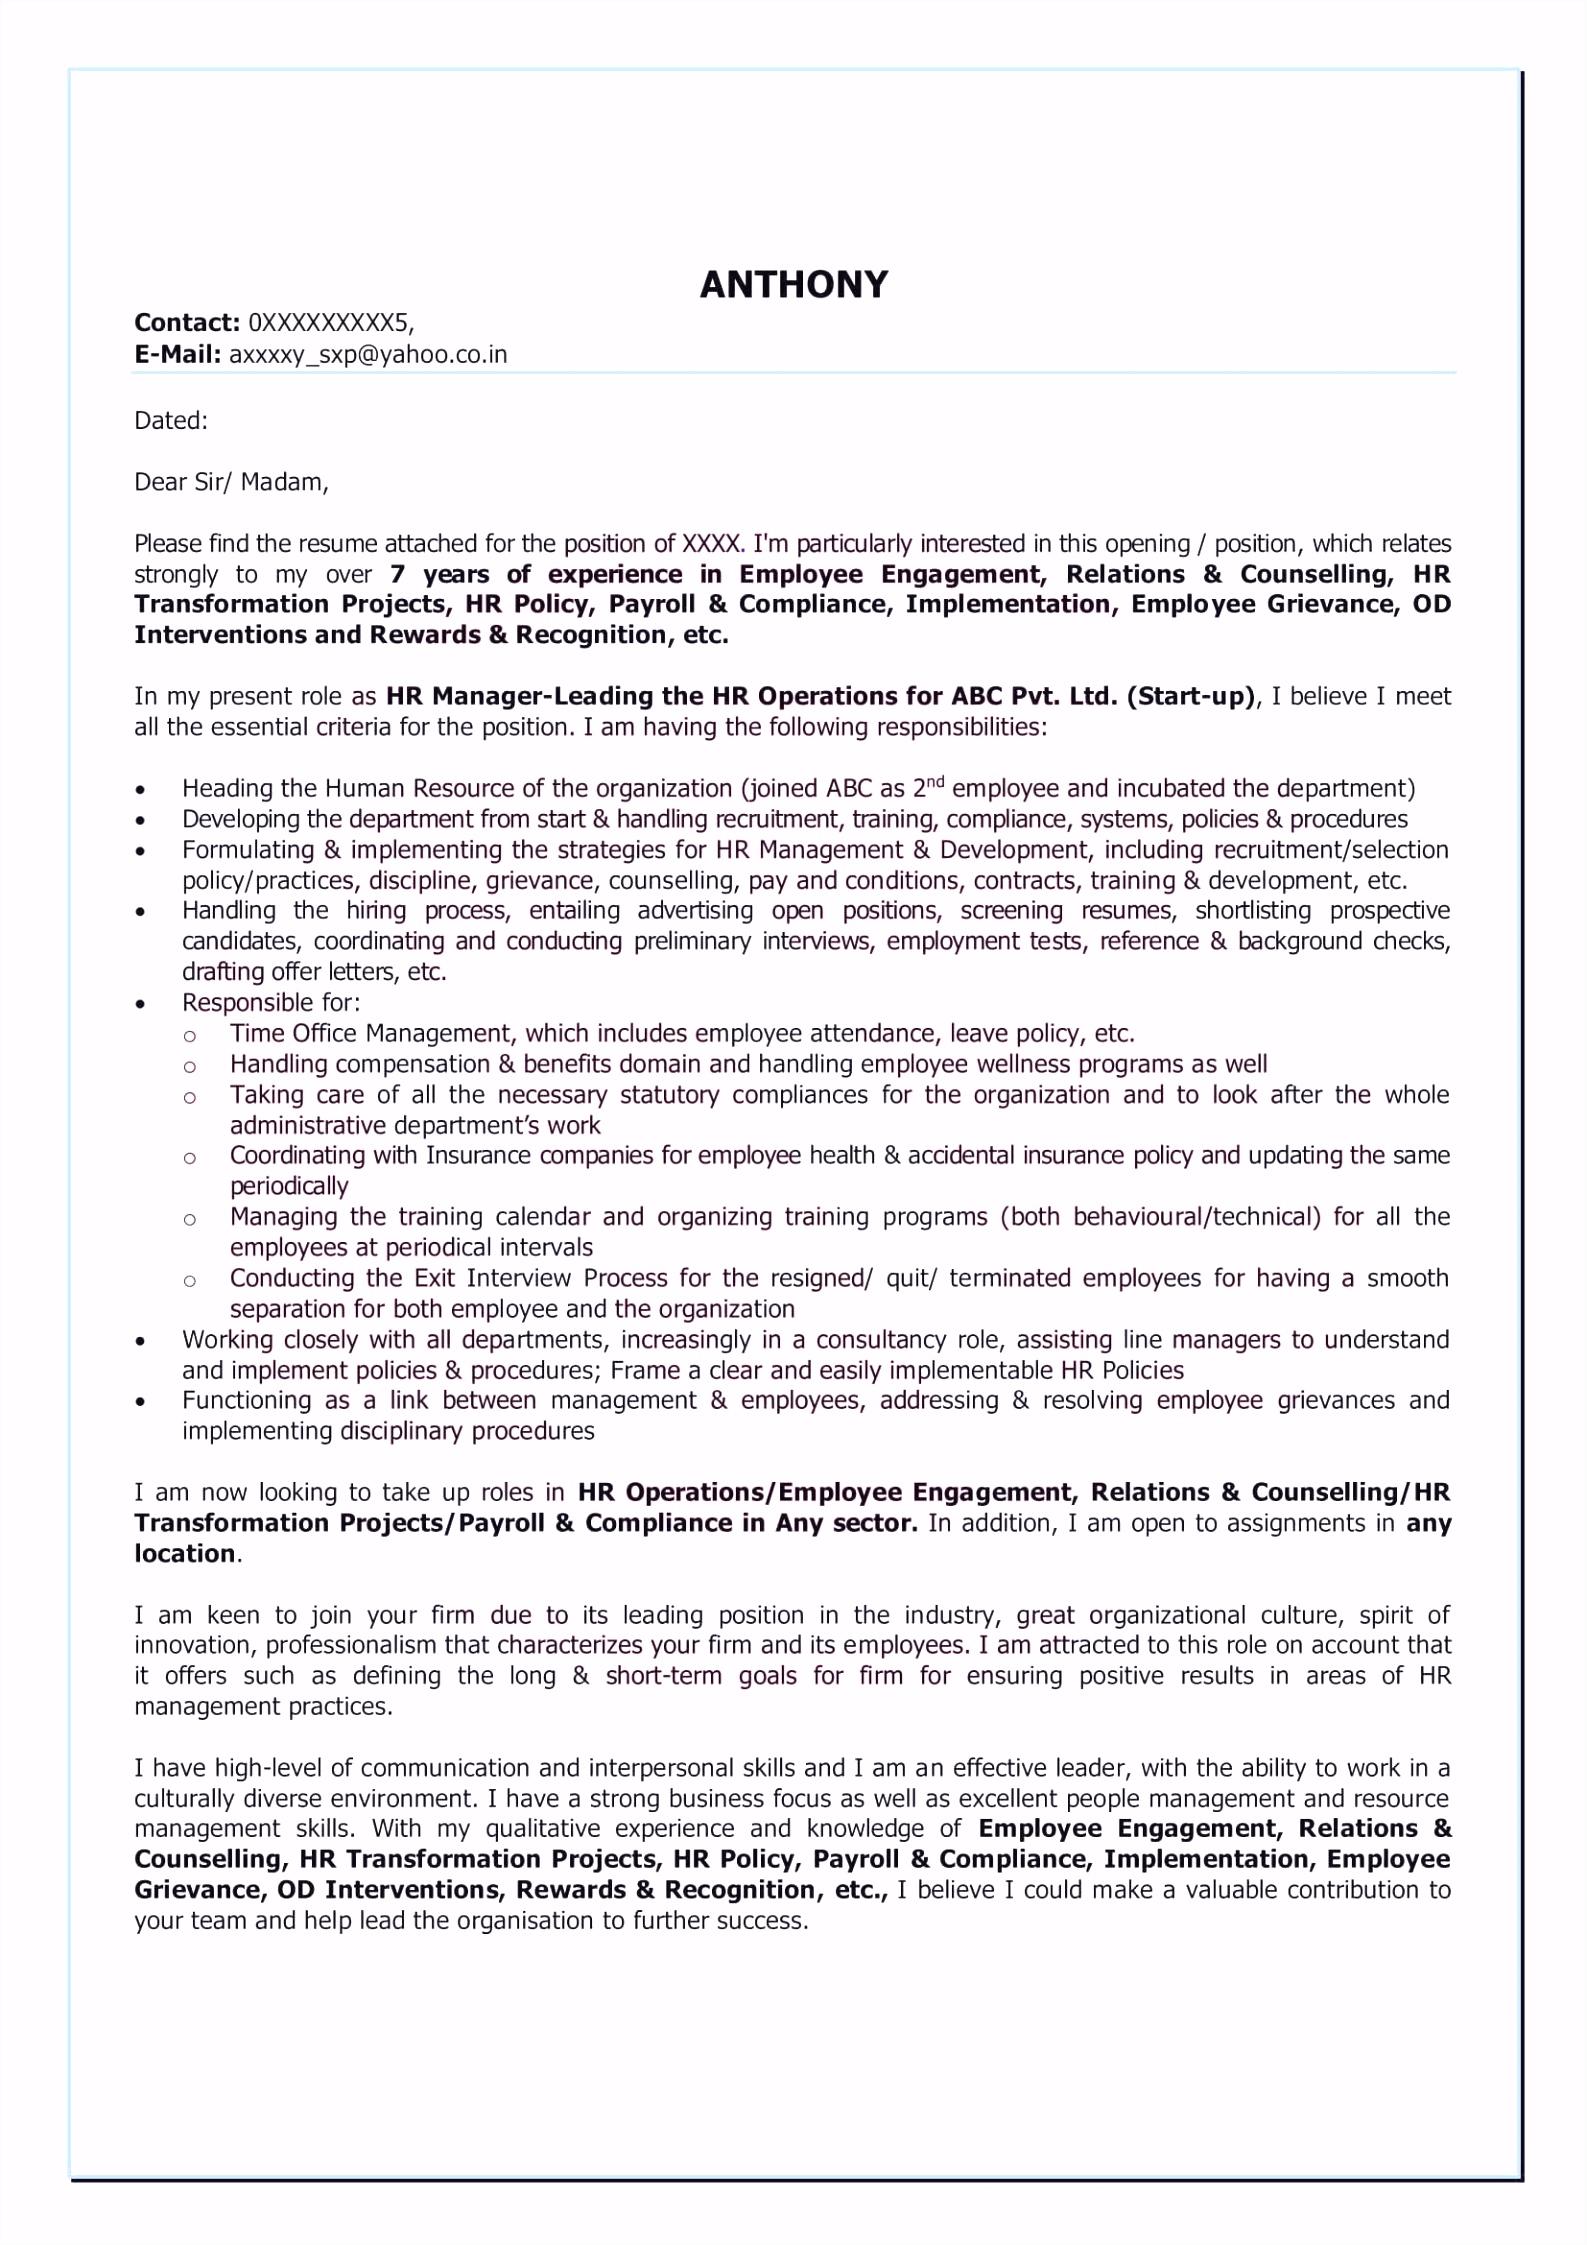 Kundigung Konto Vorlage Kündigung Private Krankenversicherung Muster Sammlungen Von 68 G2gq27eee6 Aubz6ugst6